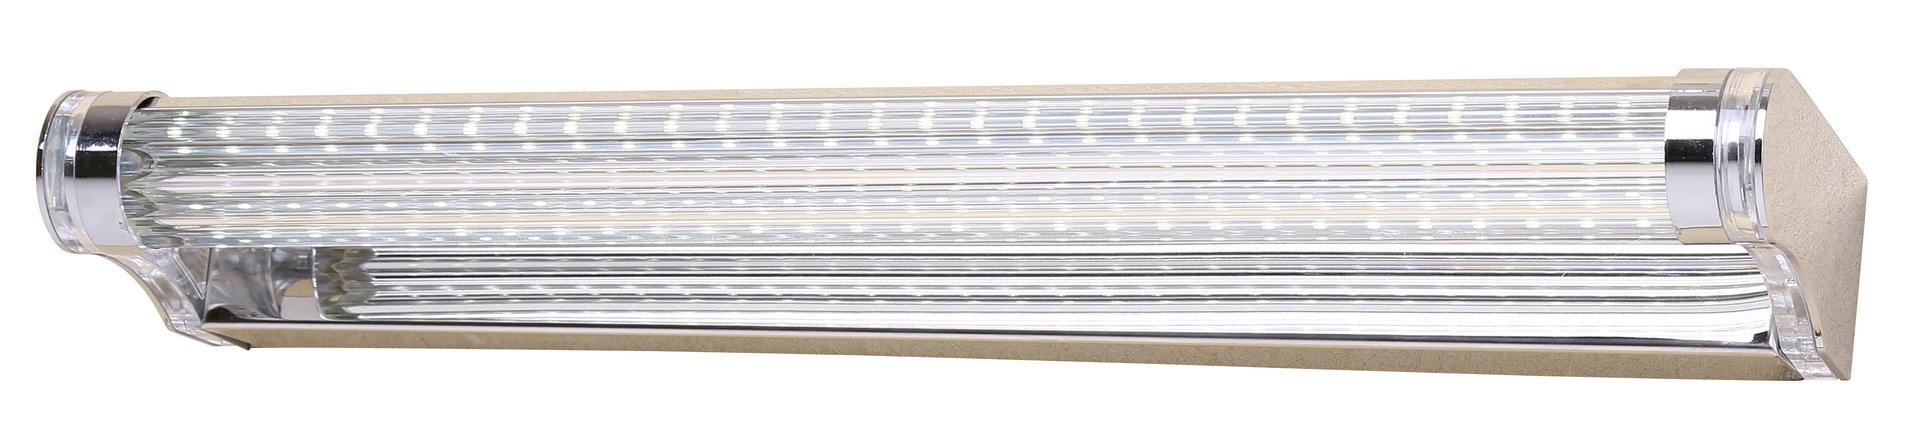 Moderno Lampă de perete 7W Led 40 Cm Oțel inoxidabil lustruit / acrilic